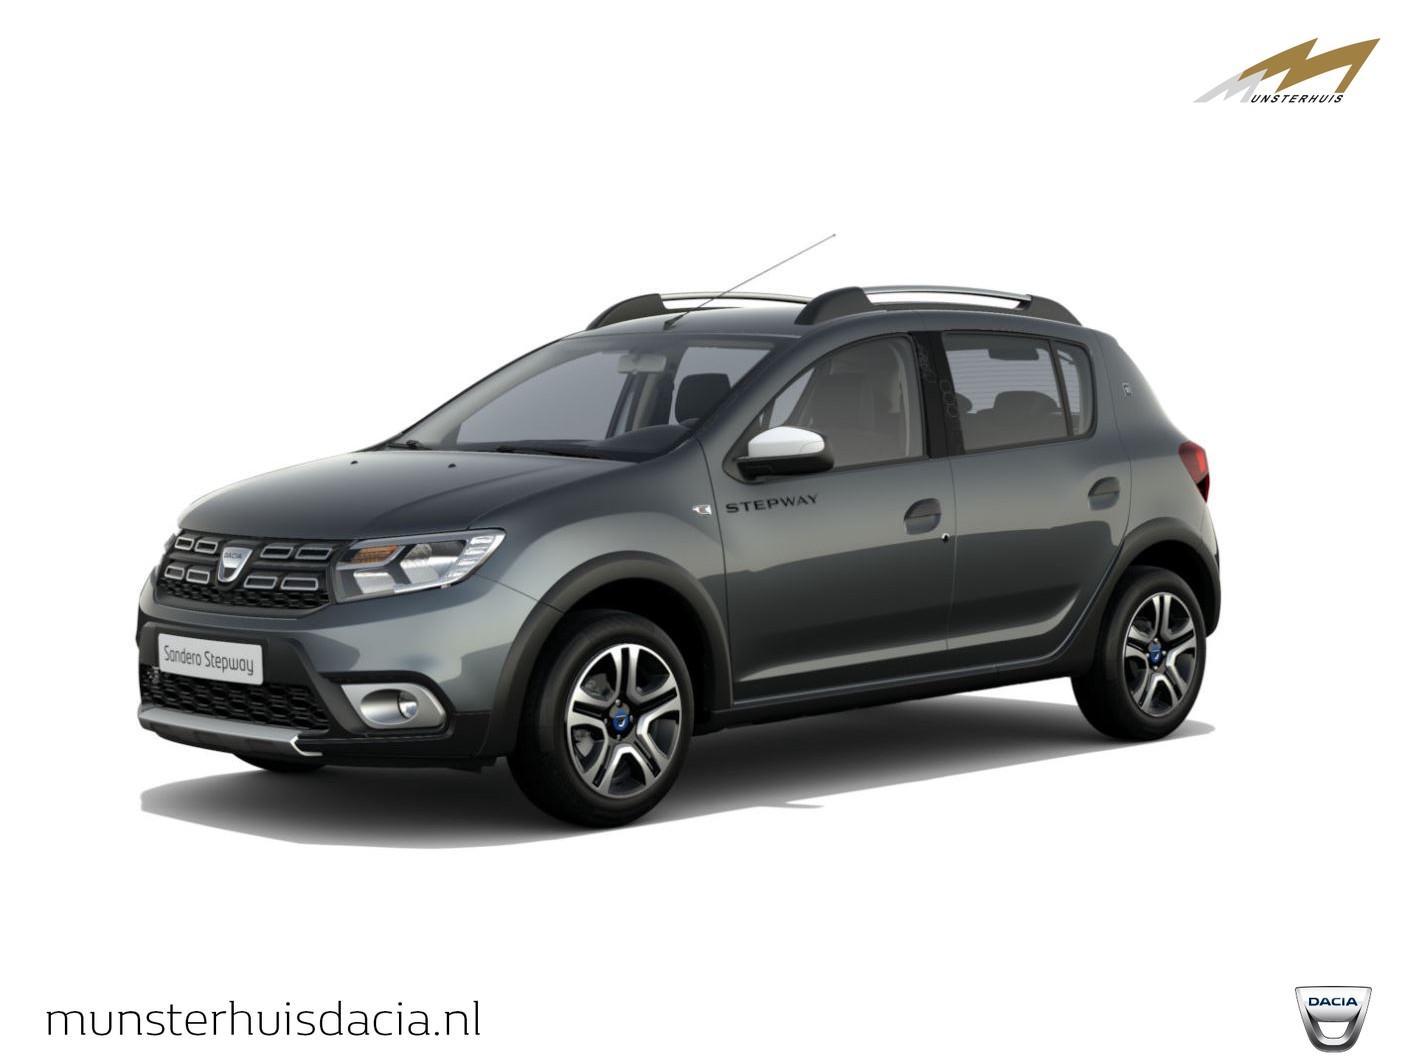 Dacia Sandero Stepway tce 100 bi-fuel sl 15th anniversary  - nieuw - lpg installatie - wordt verwacht